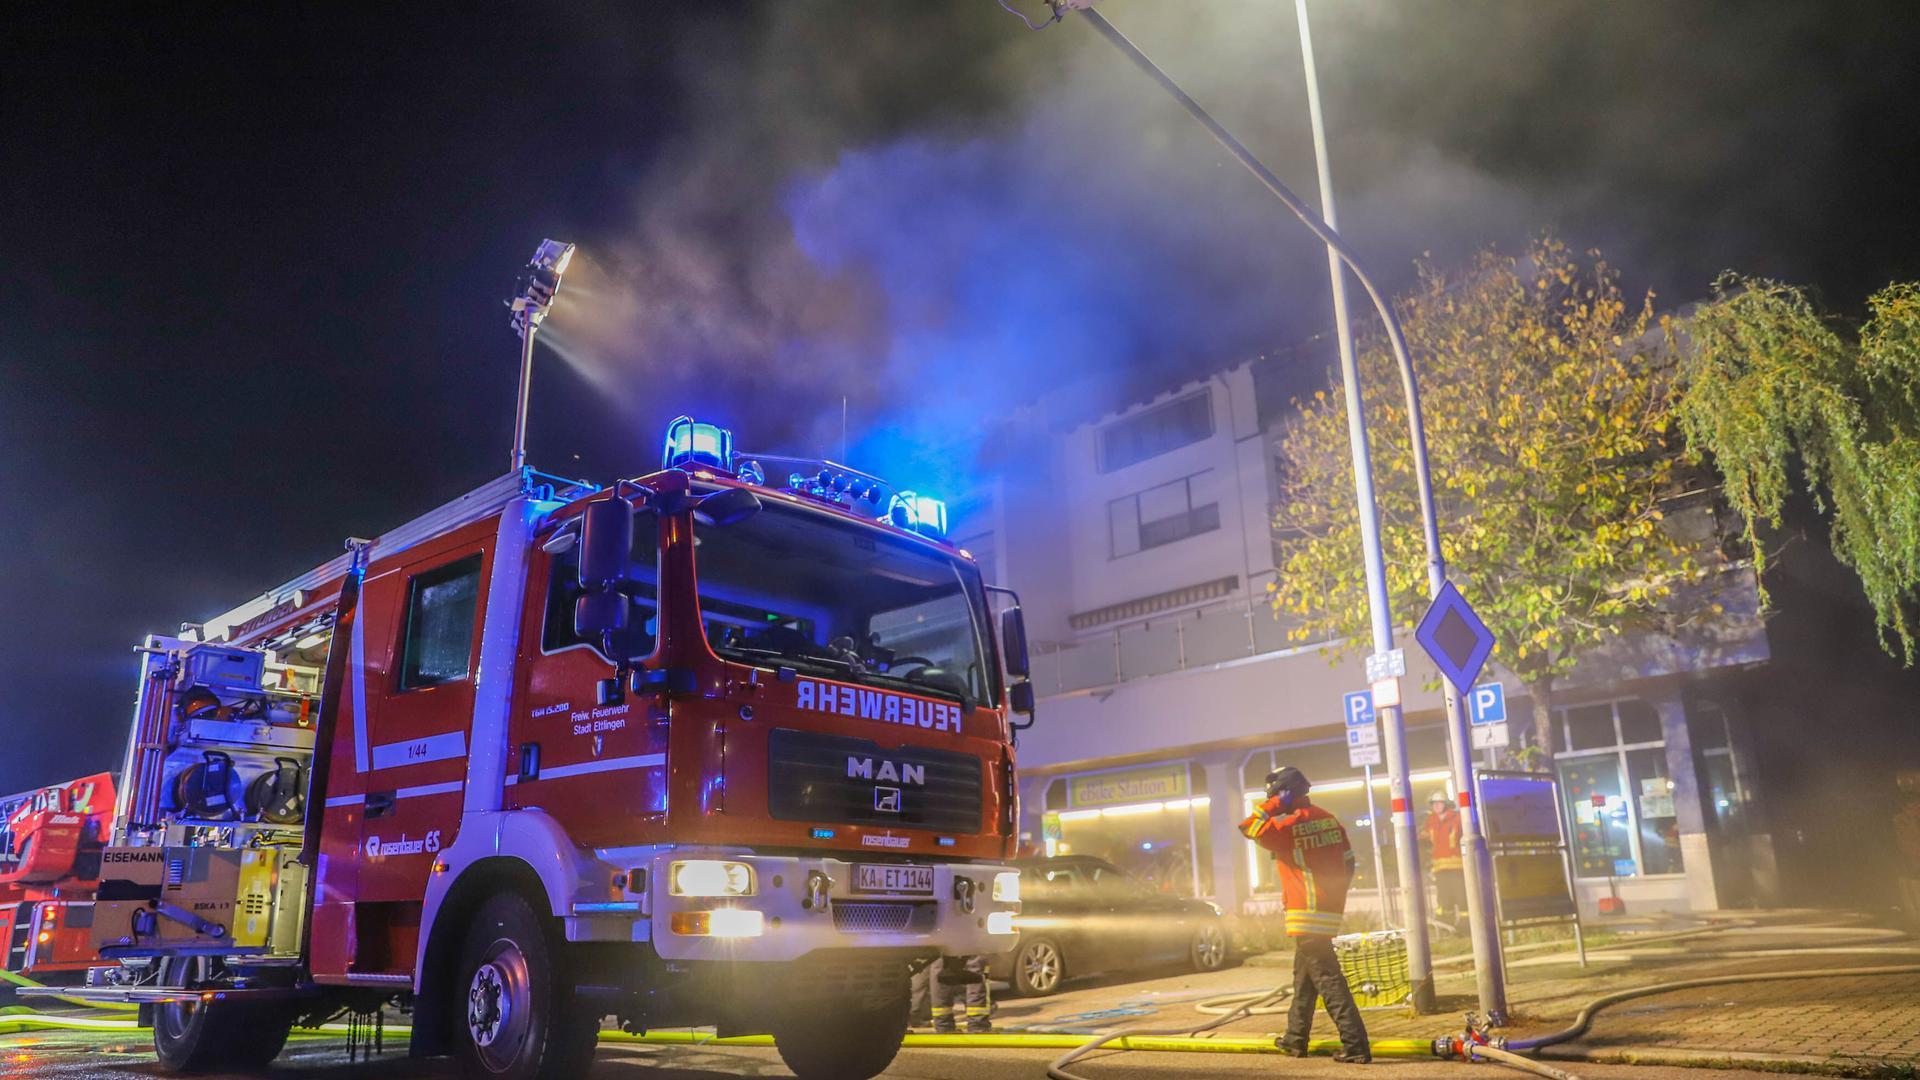 Die Freiwillige Feuerwehr Ettlingen war mit etwa 27 Einsatzkräften und sechs Fahrzeugen im Einsatz.